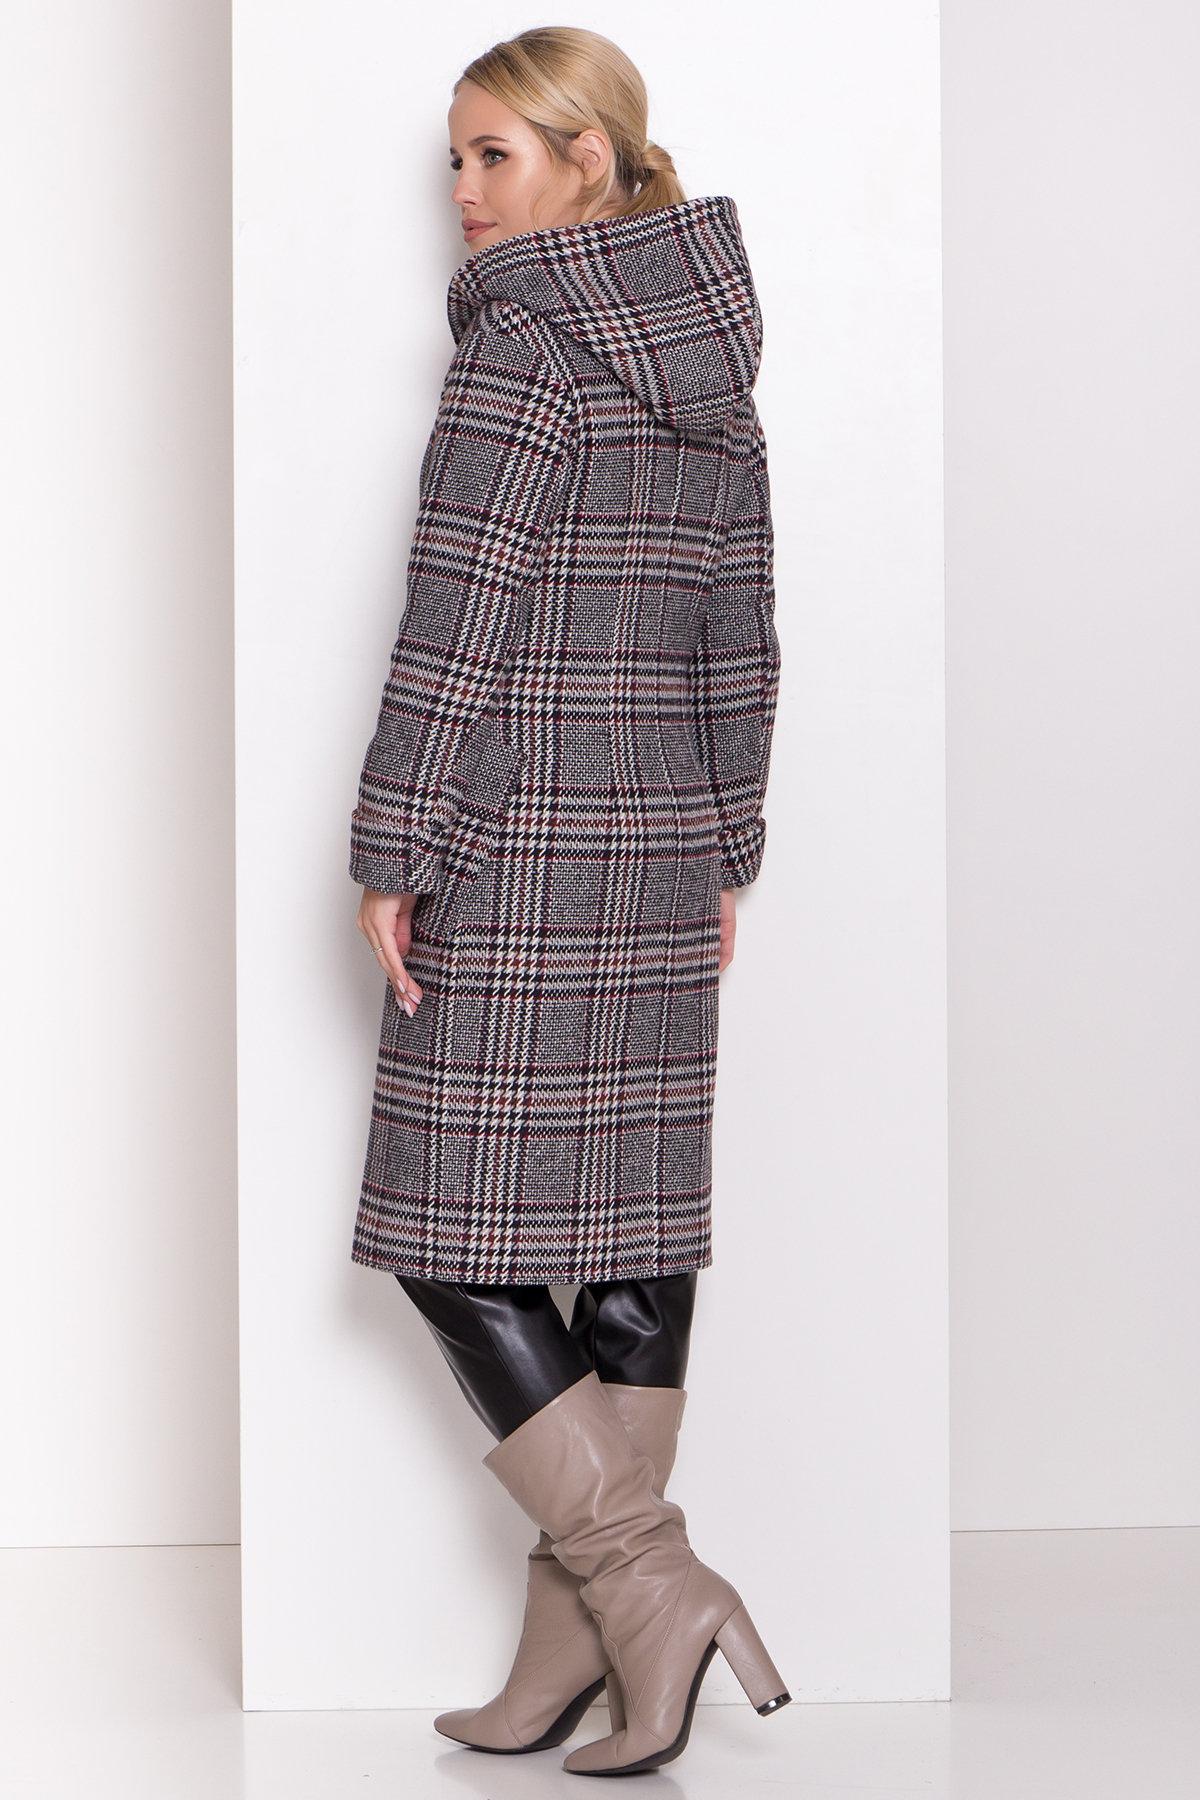 Зимнее пальто в стильную клетку Анджи 8276 АРТ. 44724 Цвет: Клетка кр черн/сер/вин - фото 10, интернет магазин tm-modus.ru